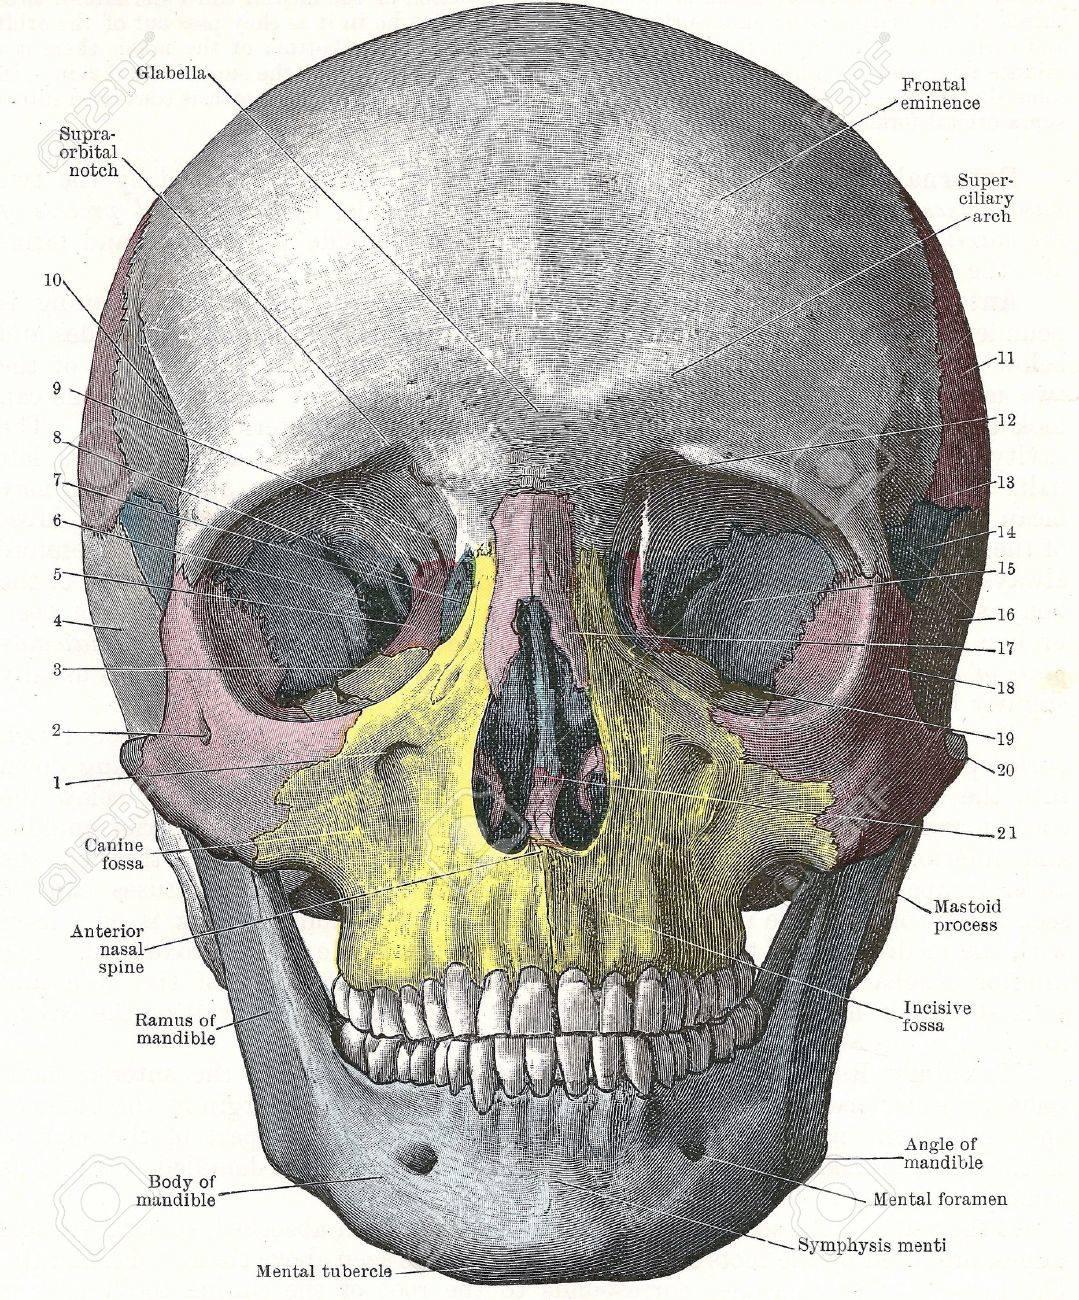 La Disección De La Cabeza Humana - Delante De Cráneo, De Un Libro De ...